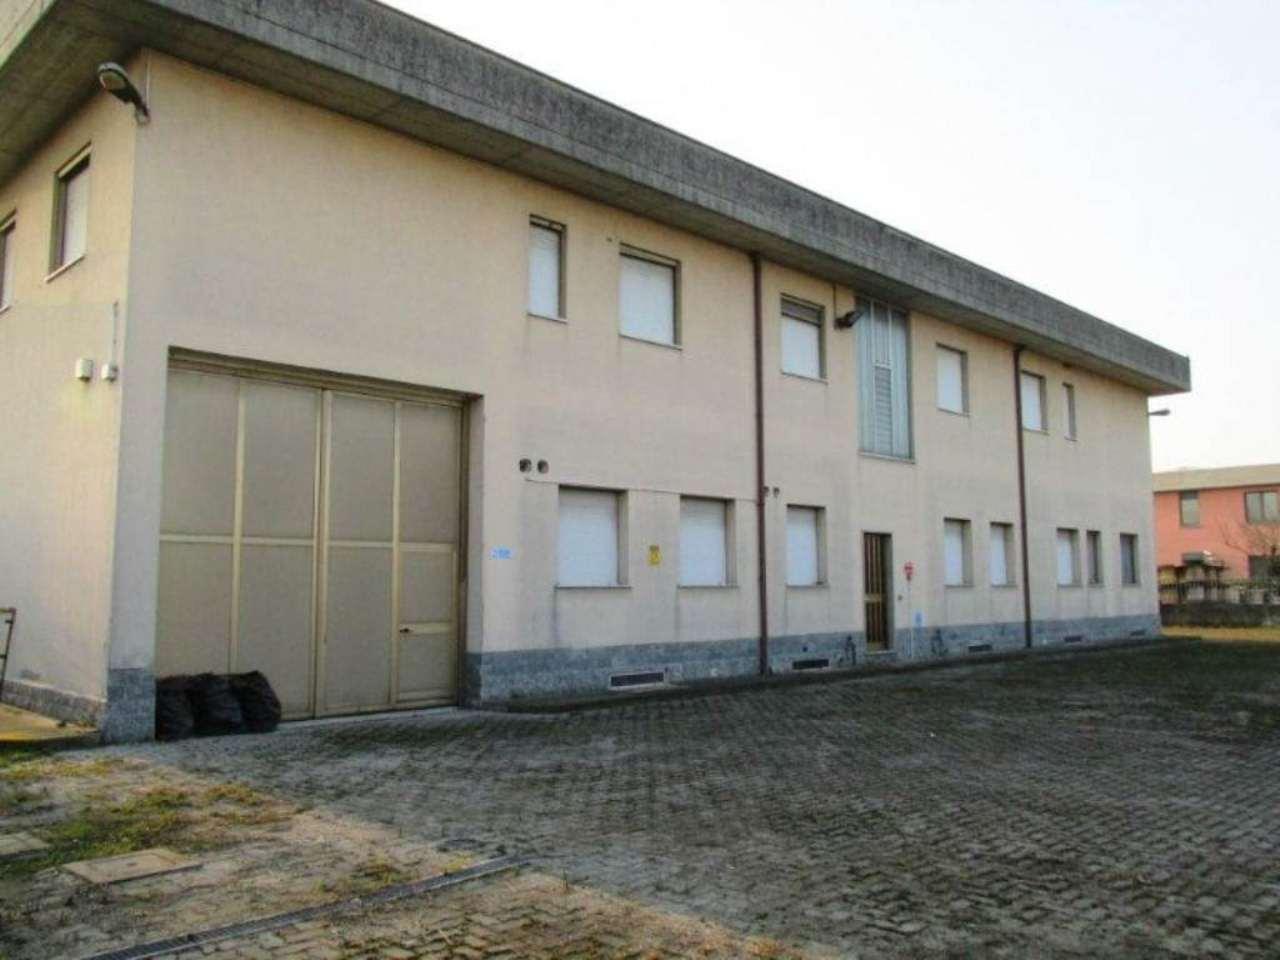 Capannoni in italia annunci immobiliari for Piani di capannone per uffici esterni